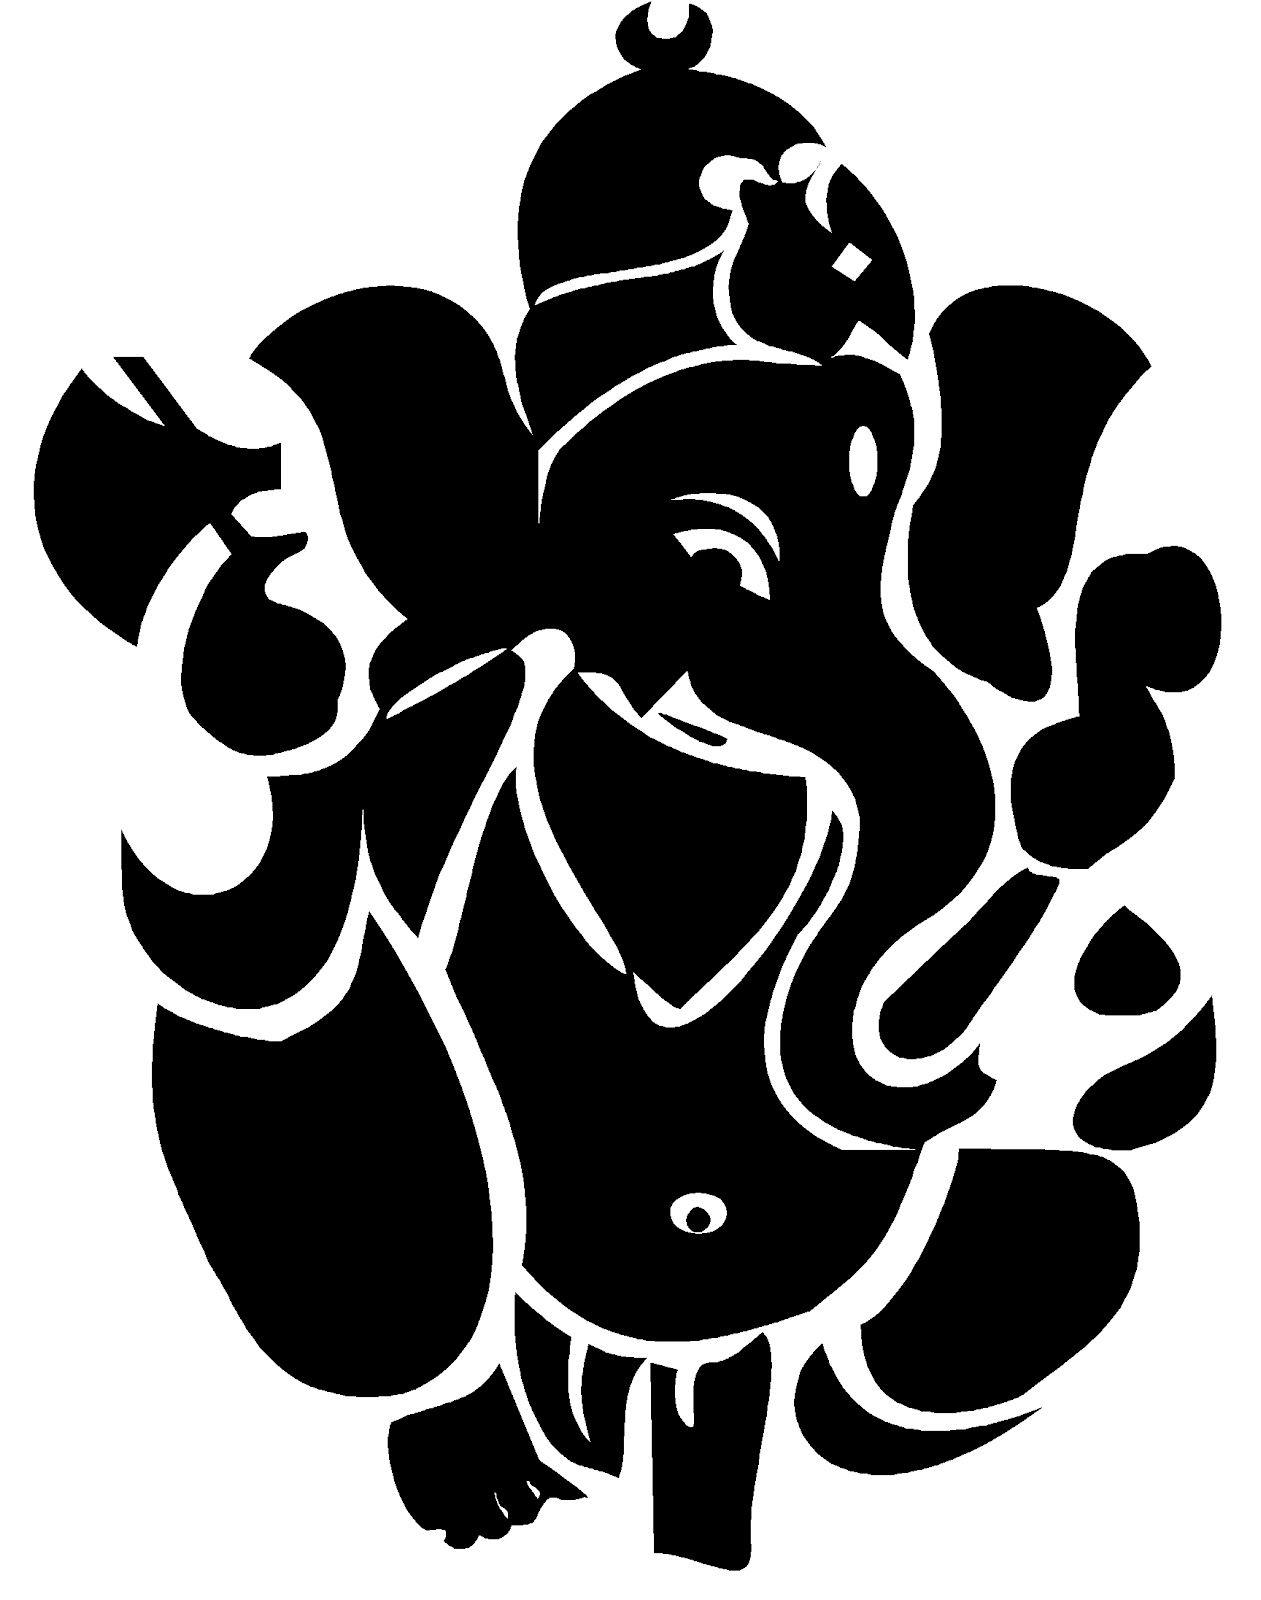 Ganesh god images clipart